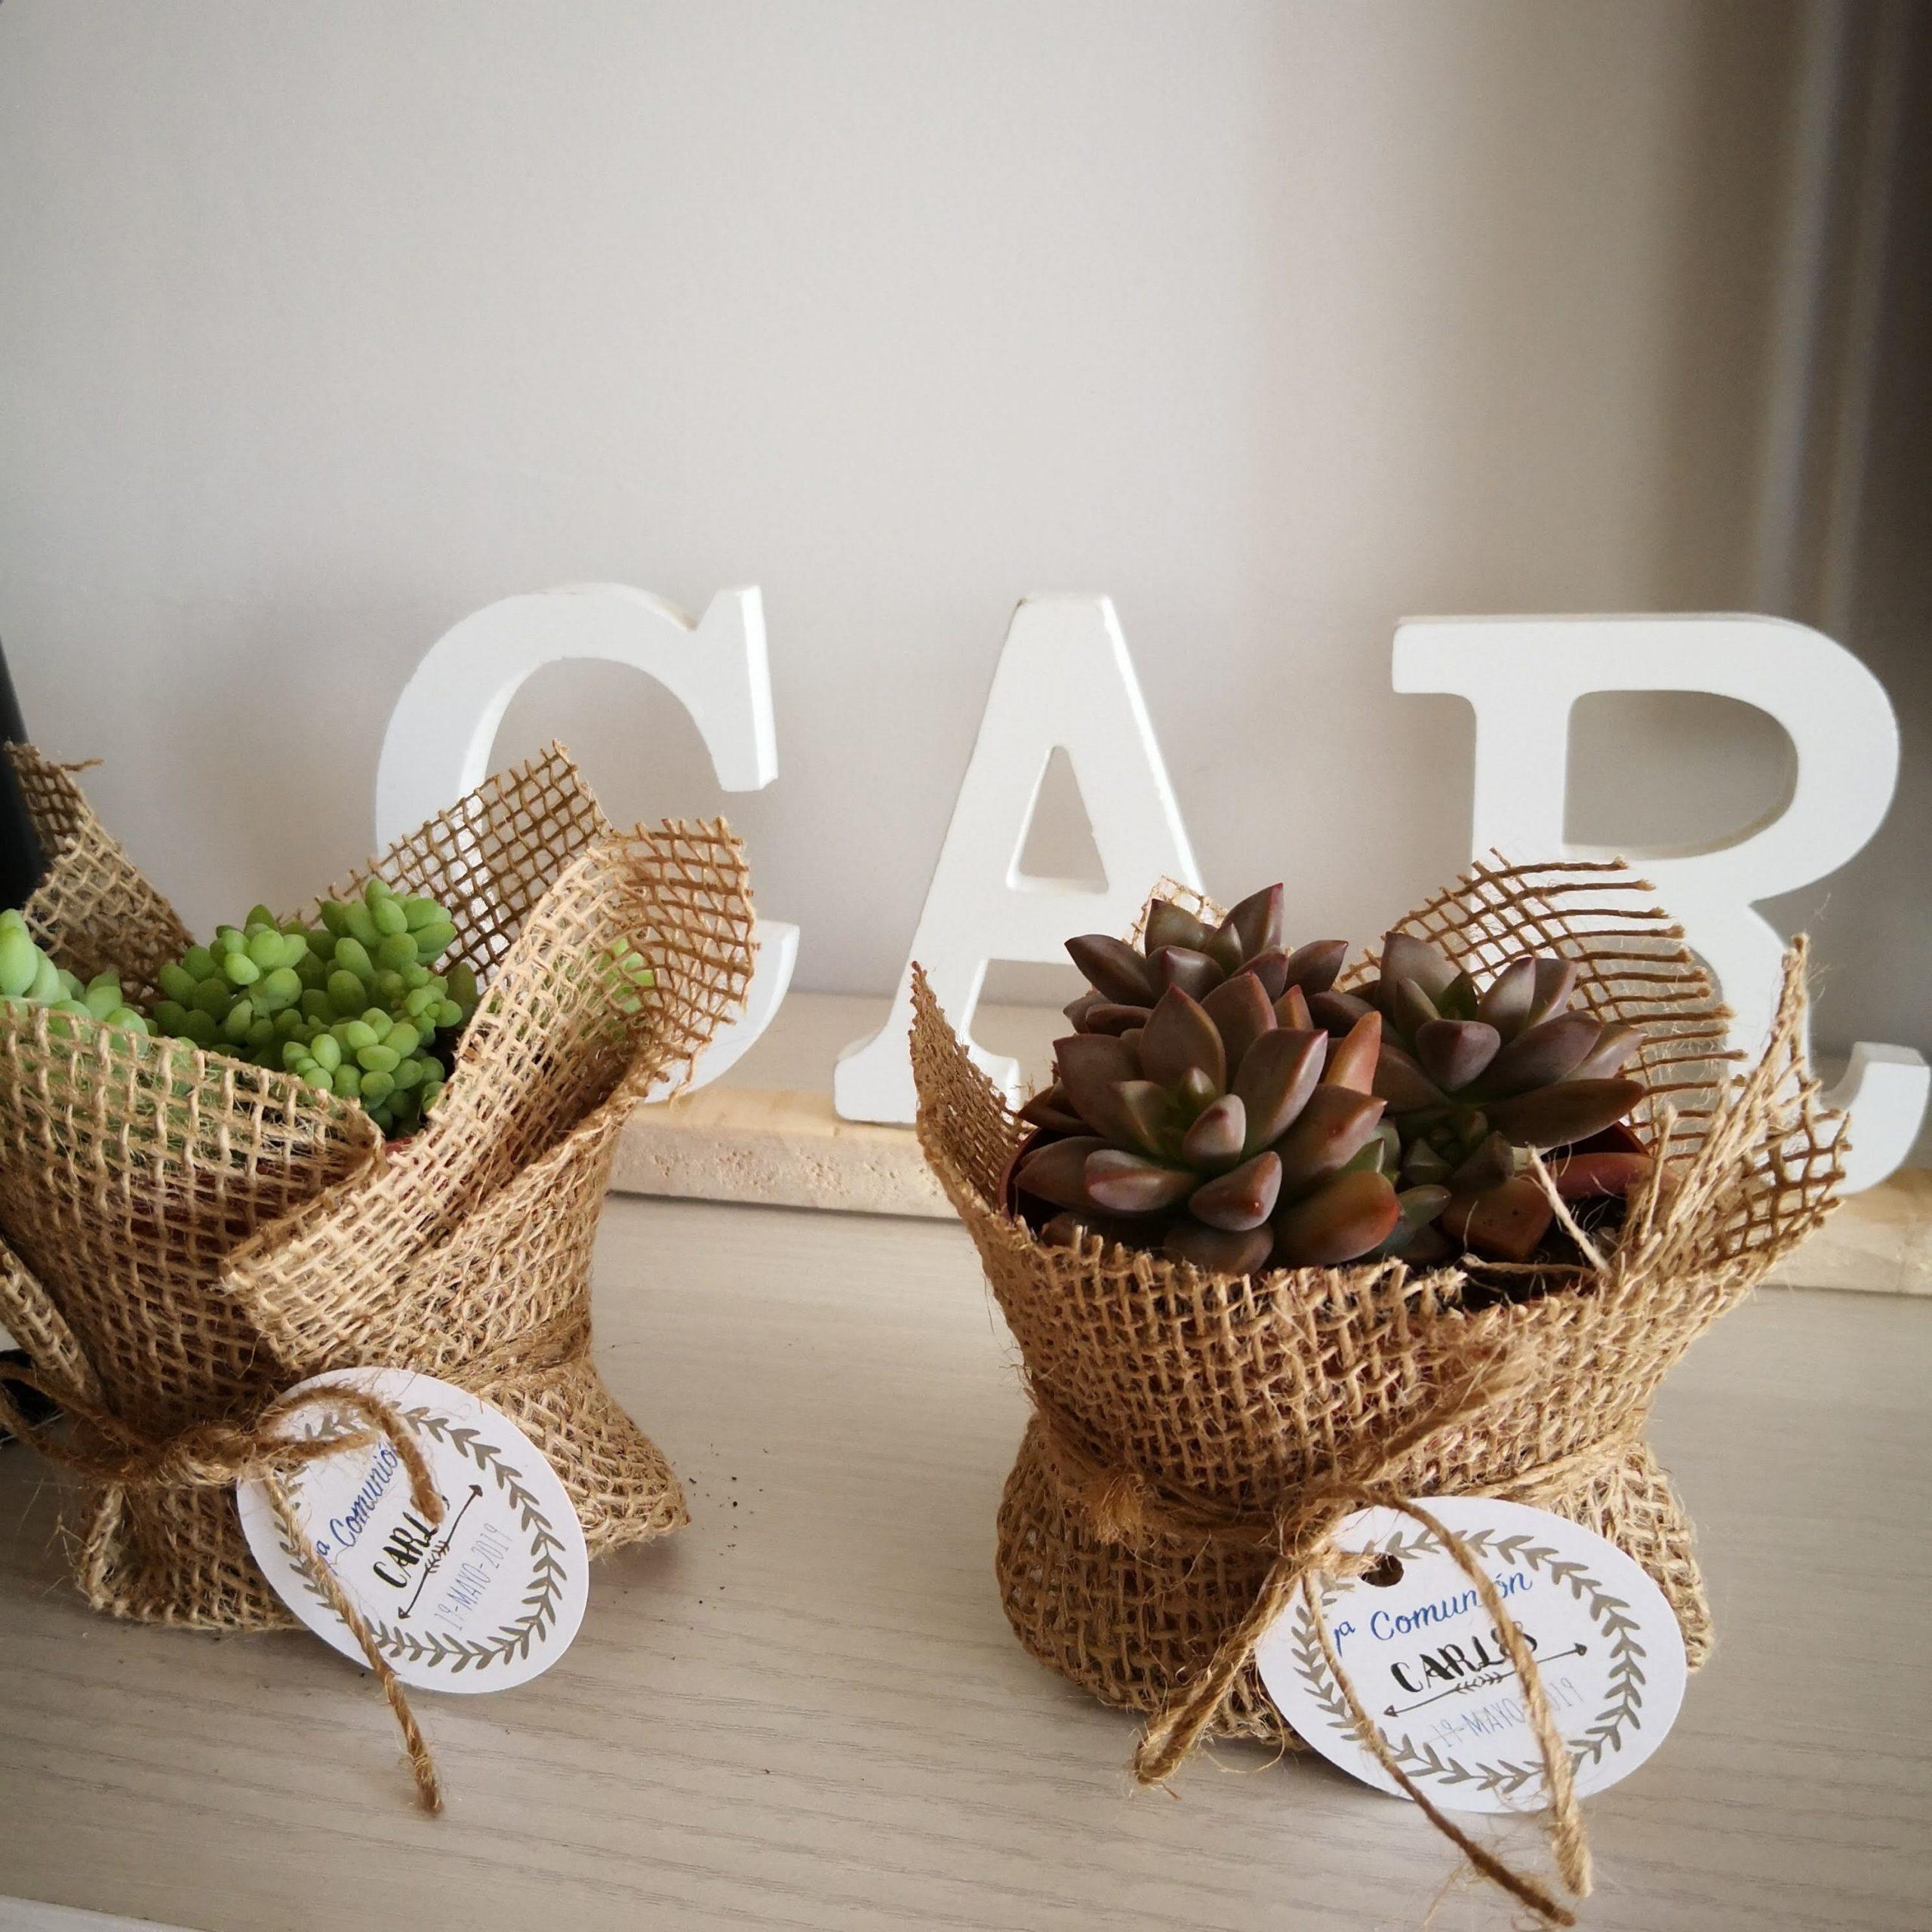 Detalle sobremesa con plantas suculentas